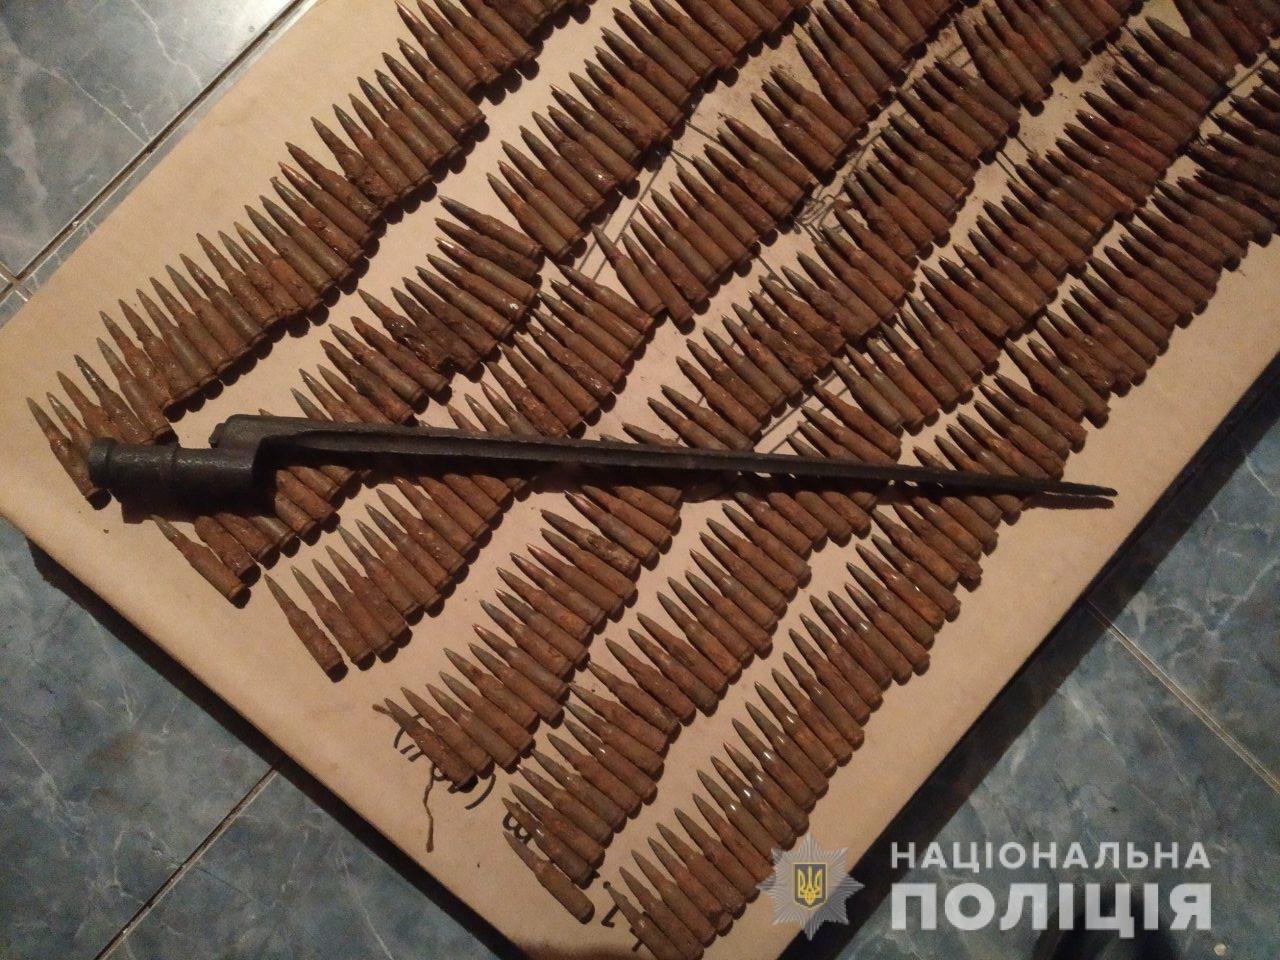 Житомирщина багата на заборонену зброю, фото-3